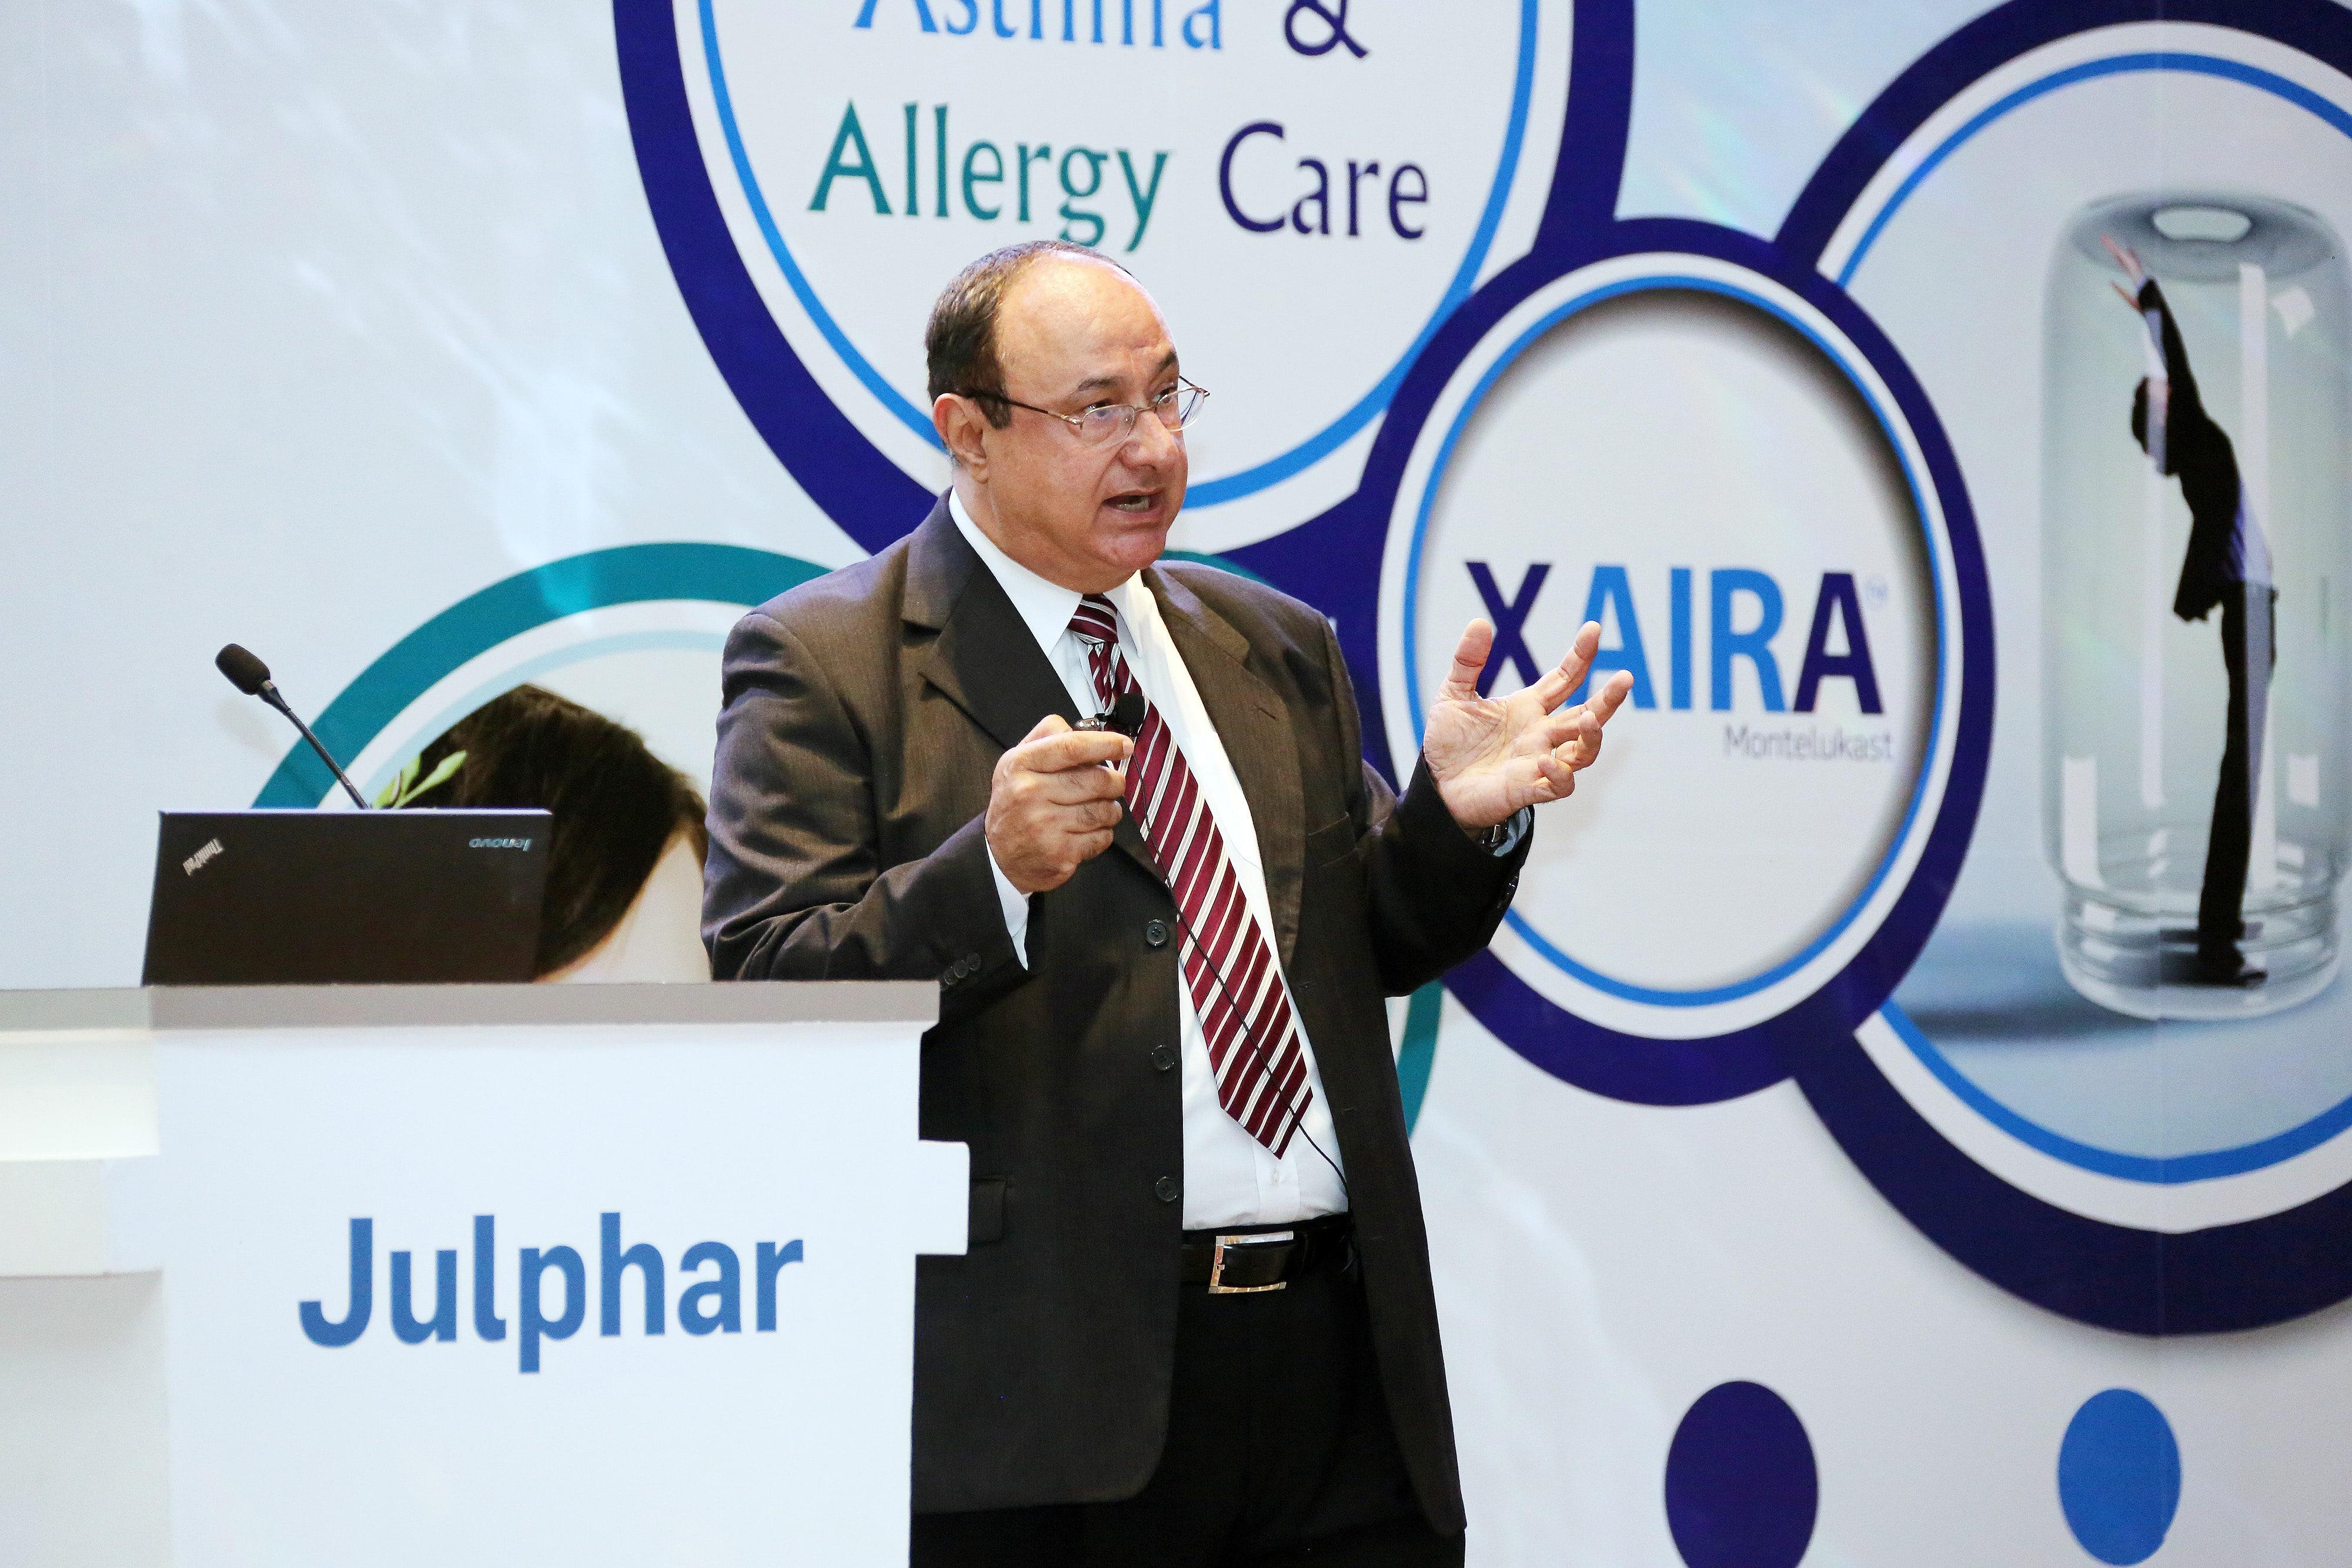 Julphar's Asthma & Allergy Awareness Day hosted in Dubai